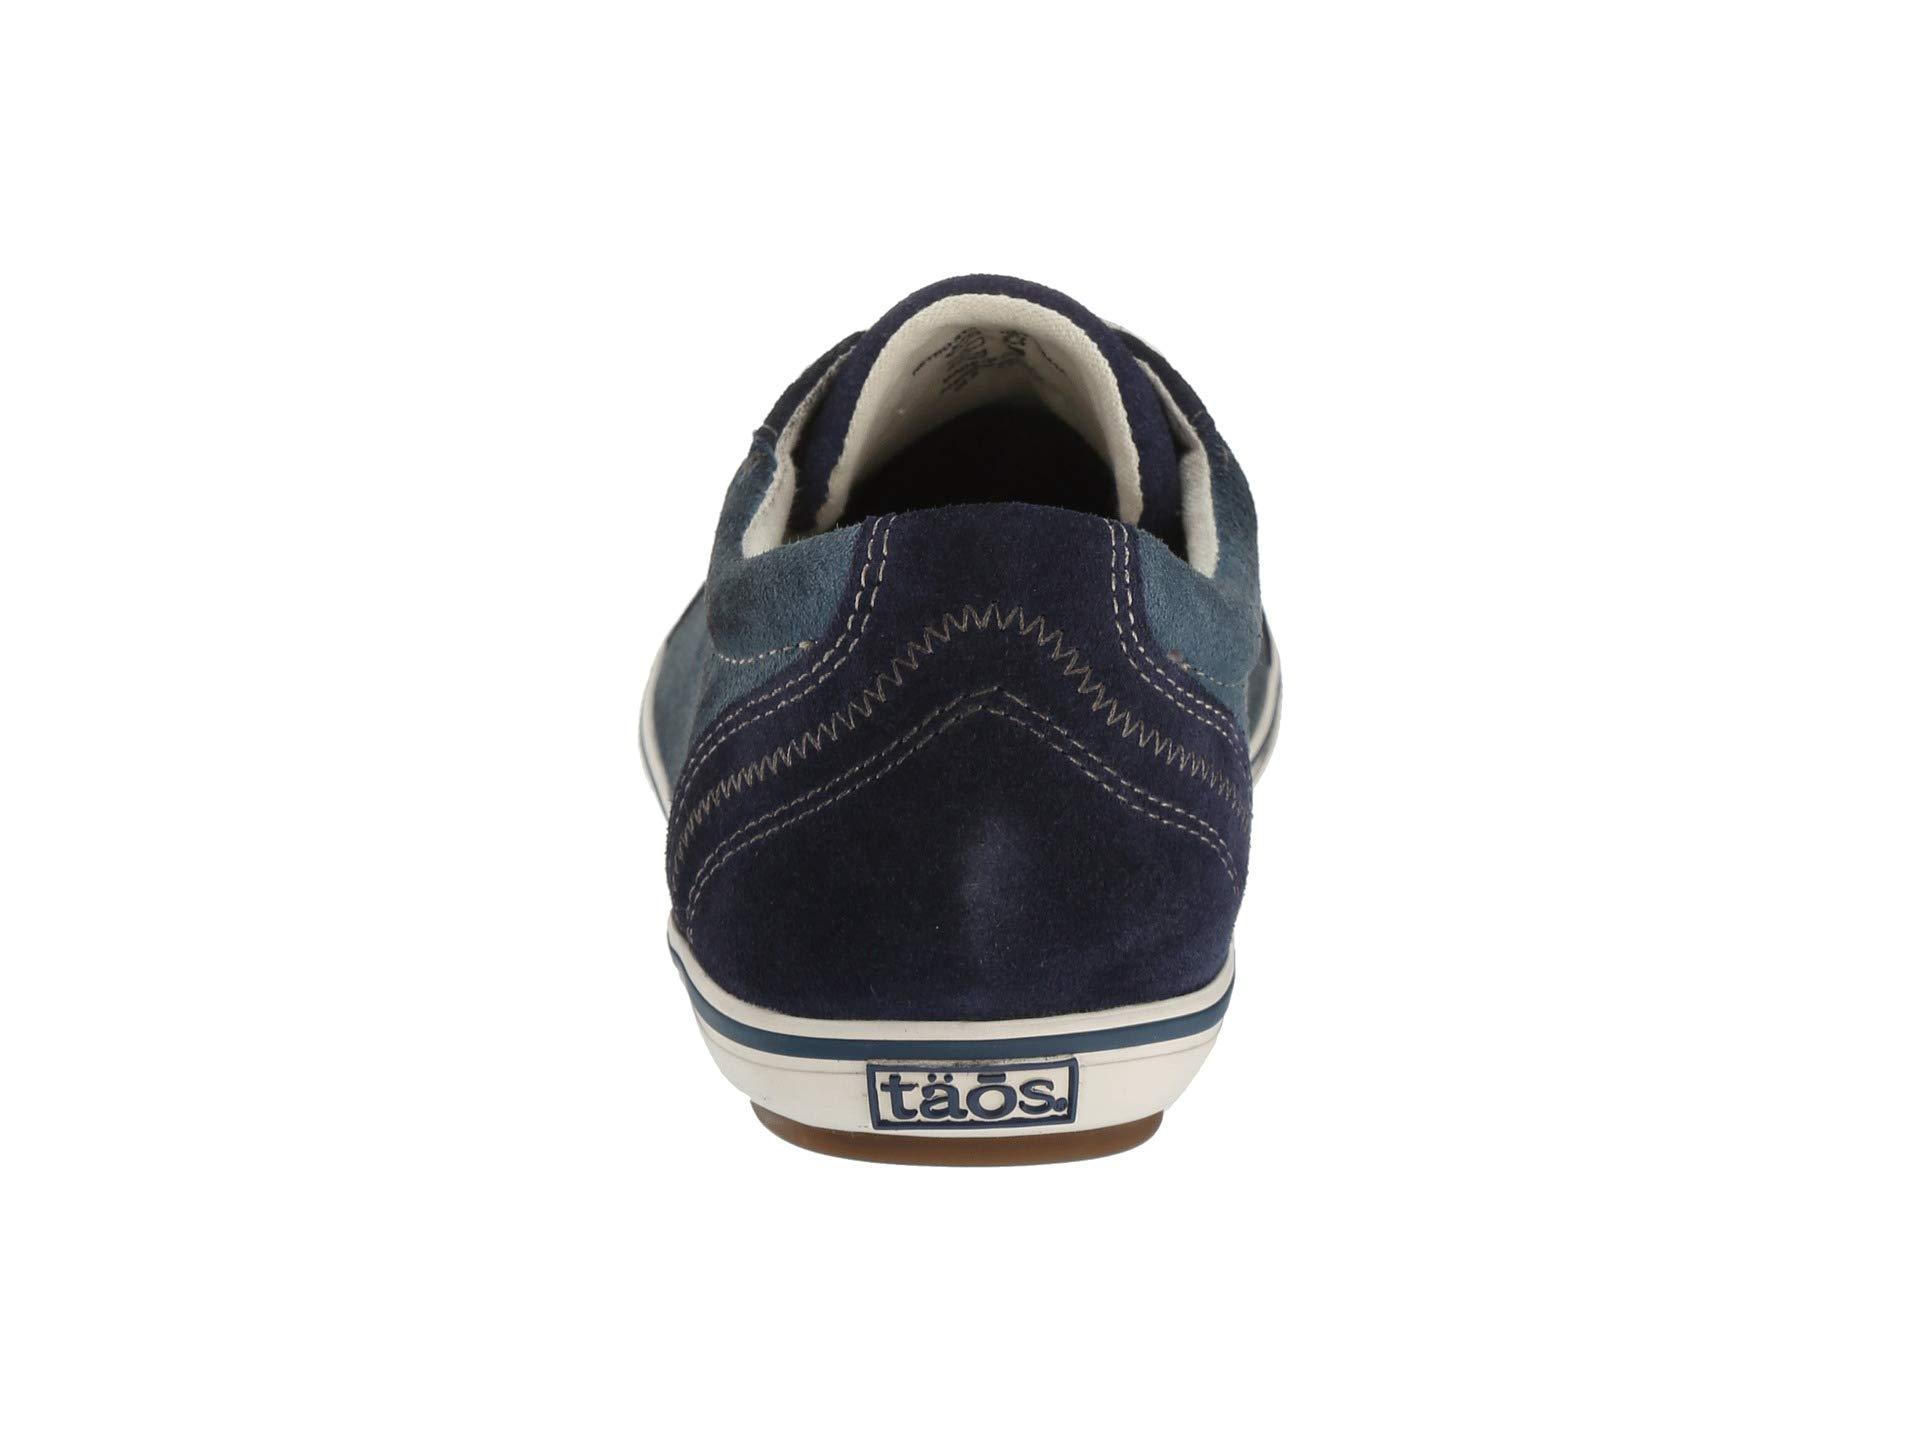 Footwear Star Blue Retro Taos Multi BW6wCqfCvx